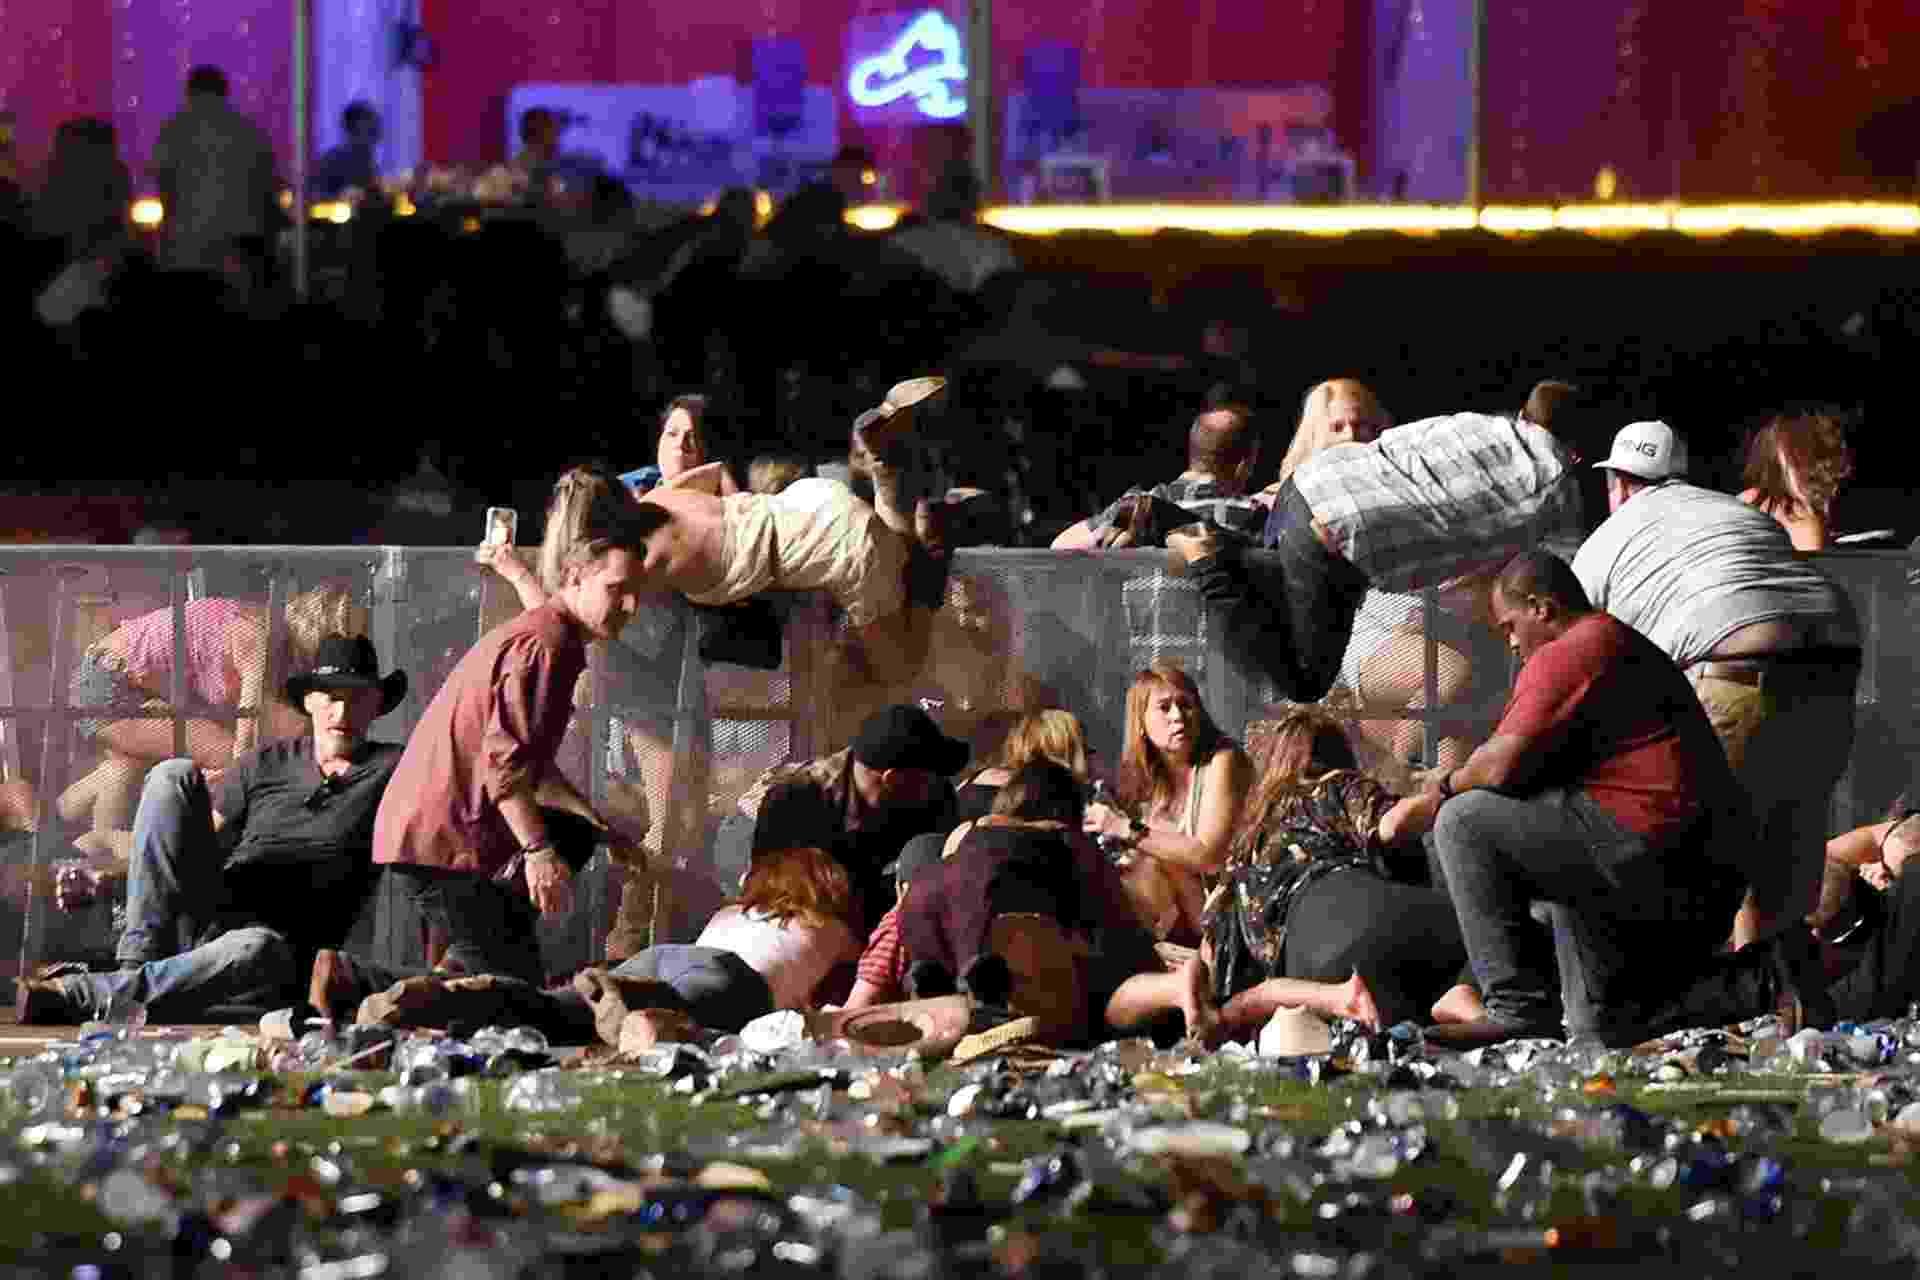 Tiroteio deixa mortos e feridos em festival de música de Las Vegas - David Becker/Getty Images/AFP